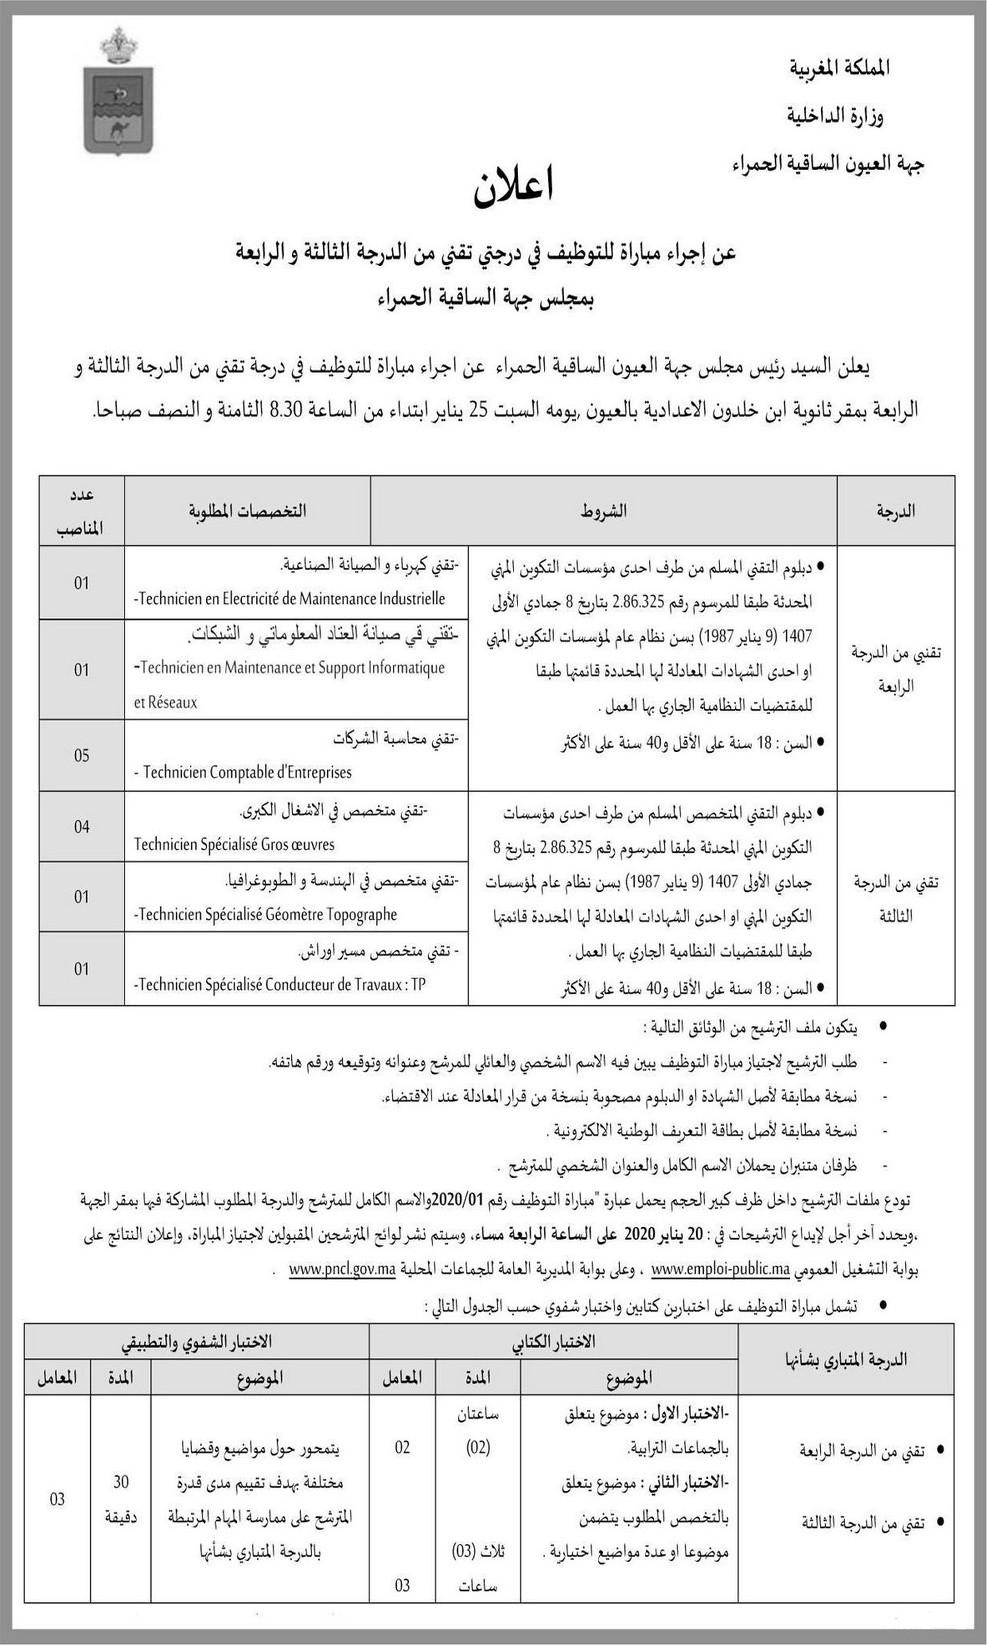 مجلس جهة العيون الساقية الحمراء : مباراة لتوظيف 15 منصب في عدة درجات و تخصصات  آخر أجل 20 يناير 2020 La3you11